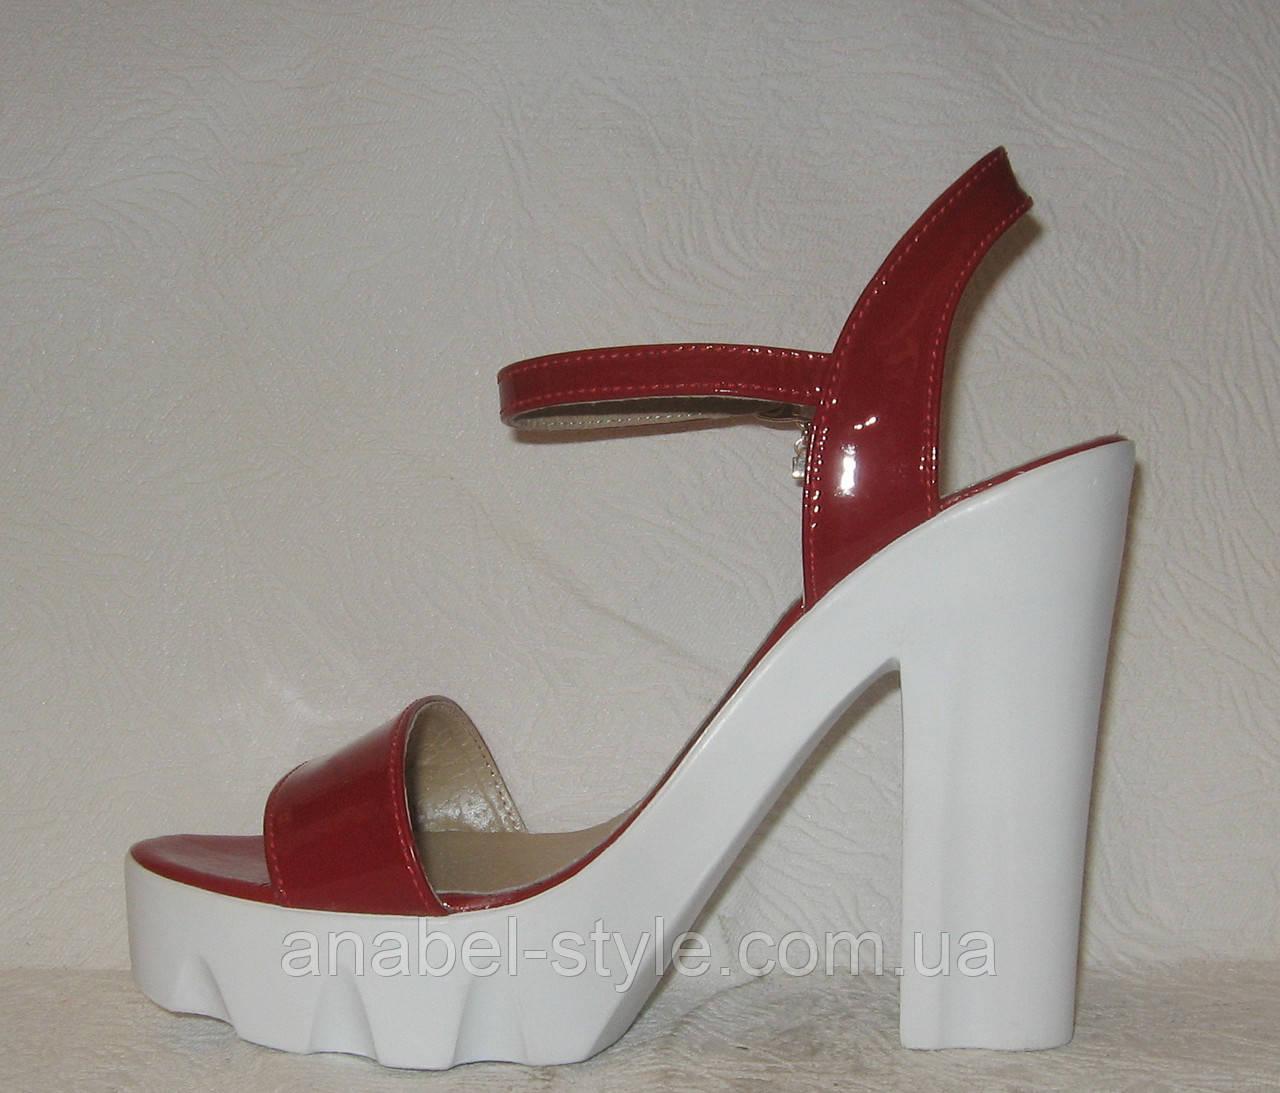 Босоножки стильные на каблуке лаковые красного цвета